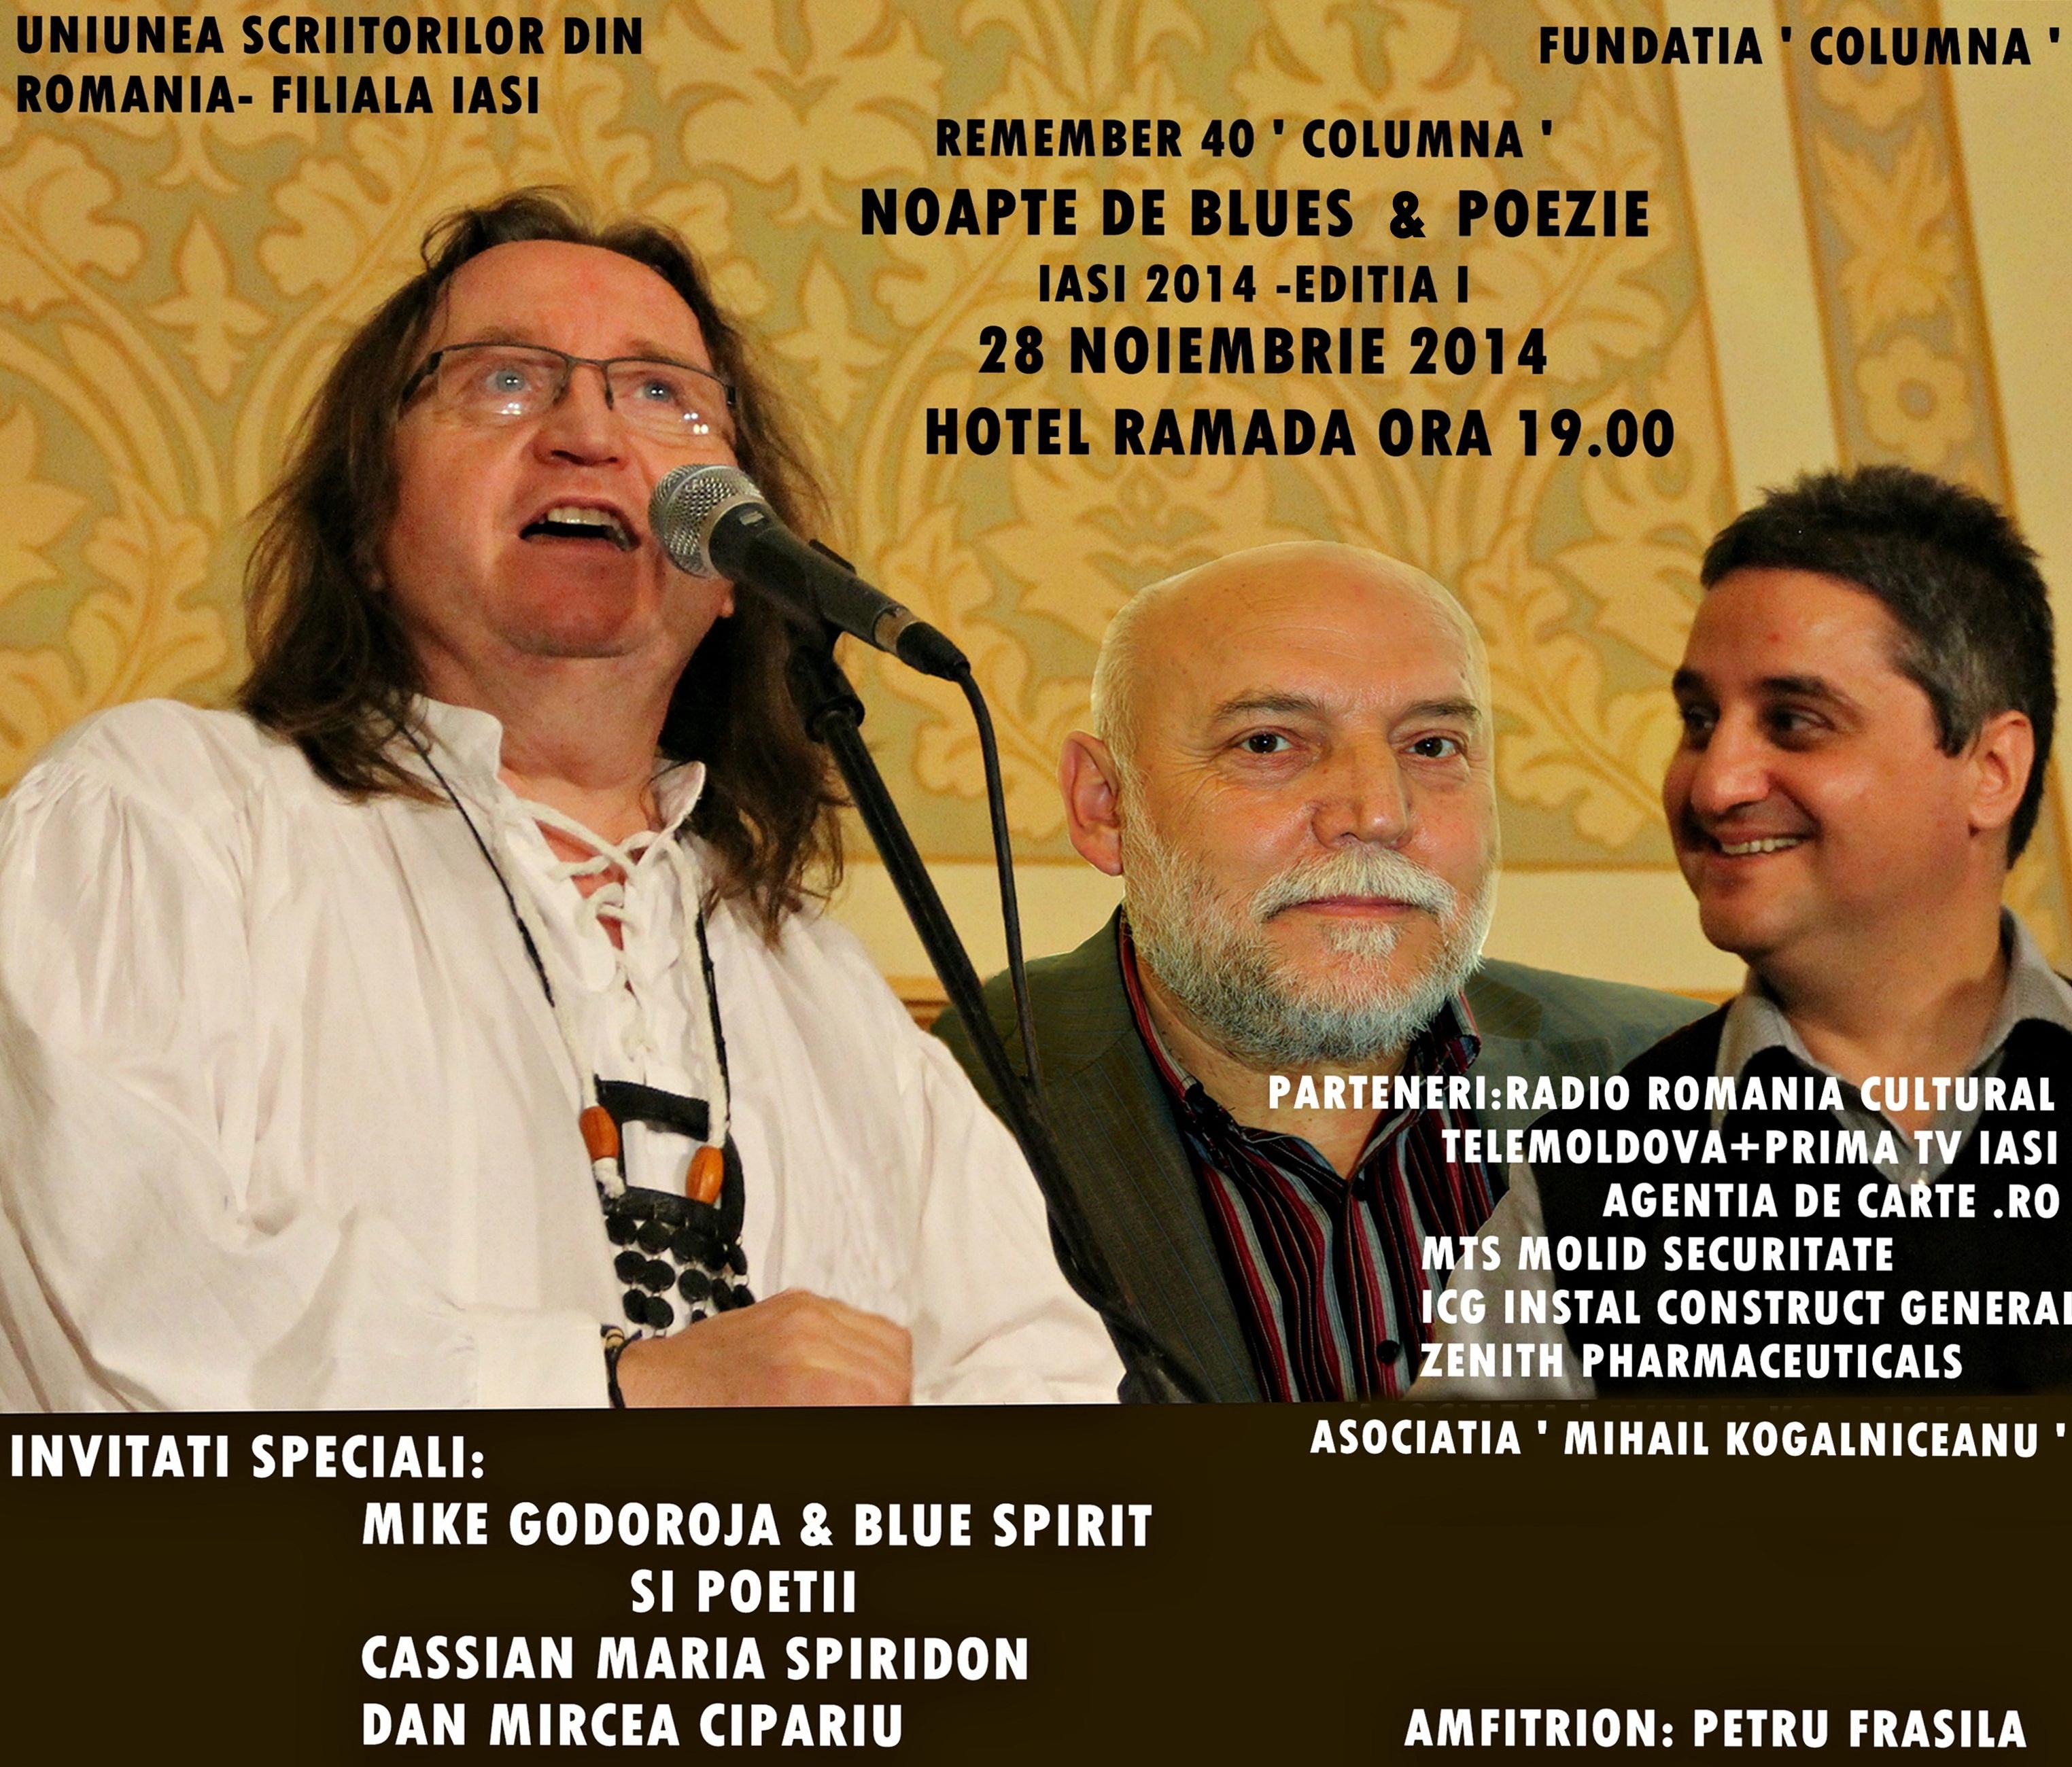 Sper Poetry: Mike Godoroja & Blue Spirit, Poeţii Dan Mircea Cipariu şi